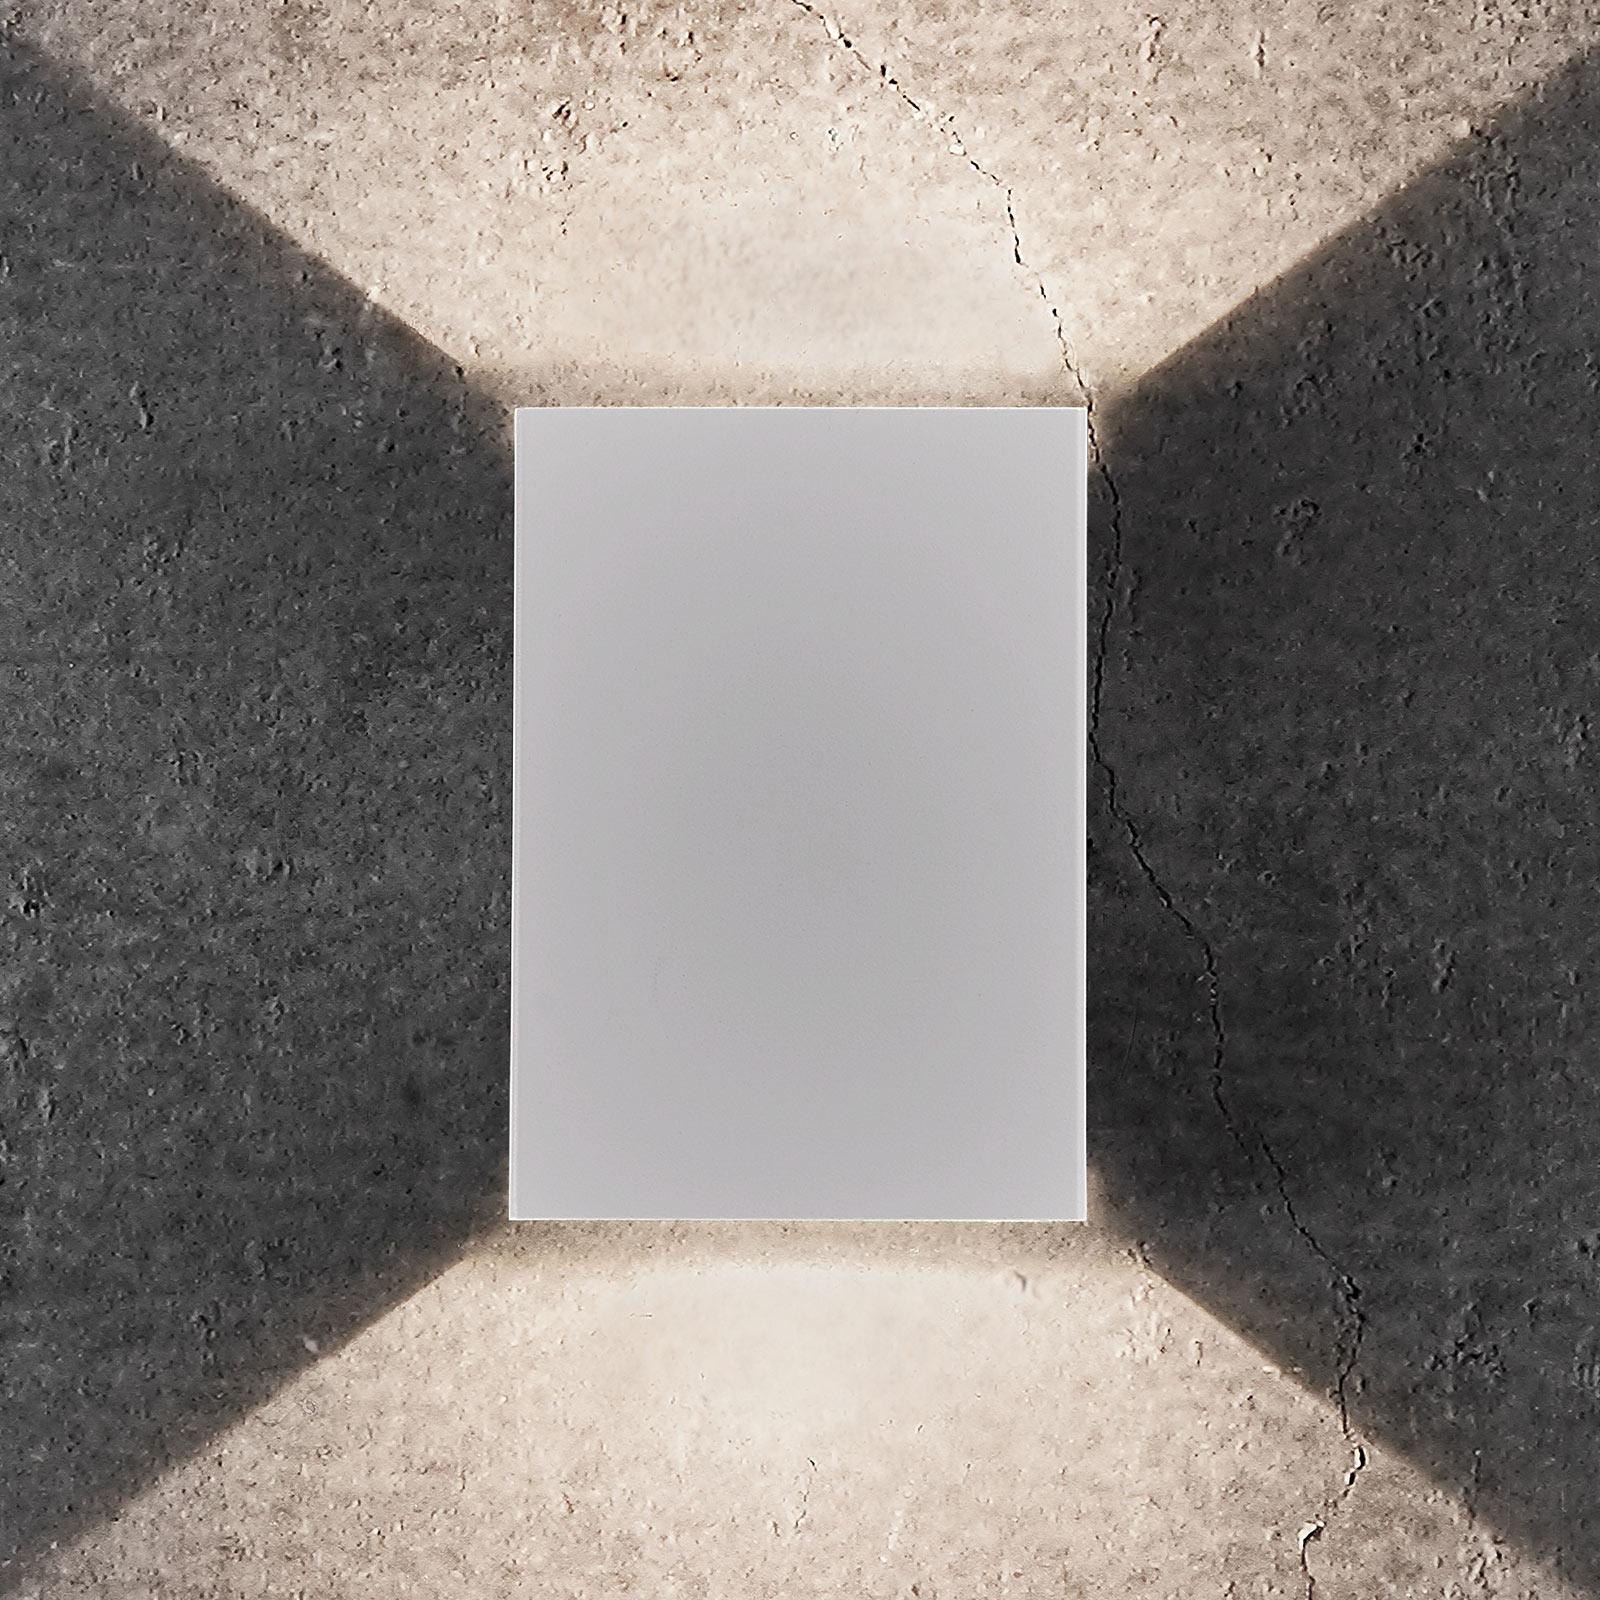 LED-Außenwandleuchte Fold, 10 x 15 cm, weiß